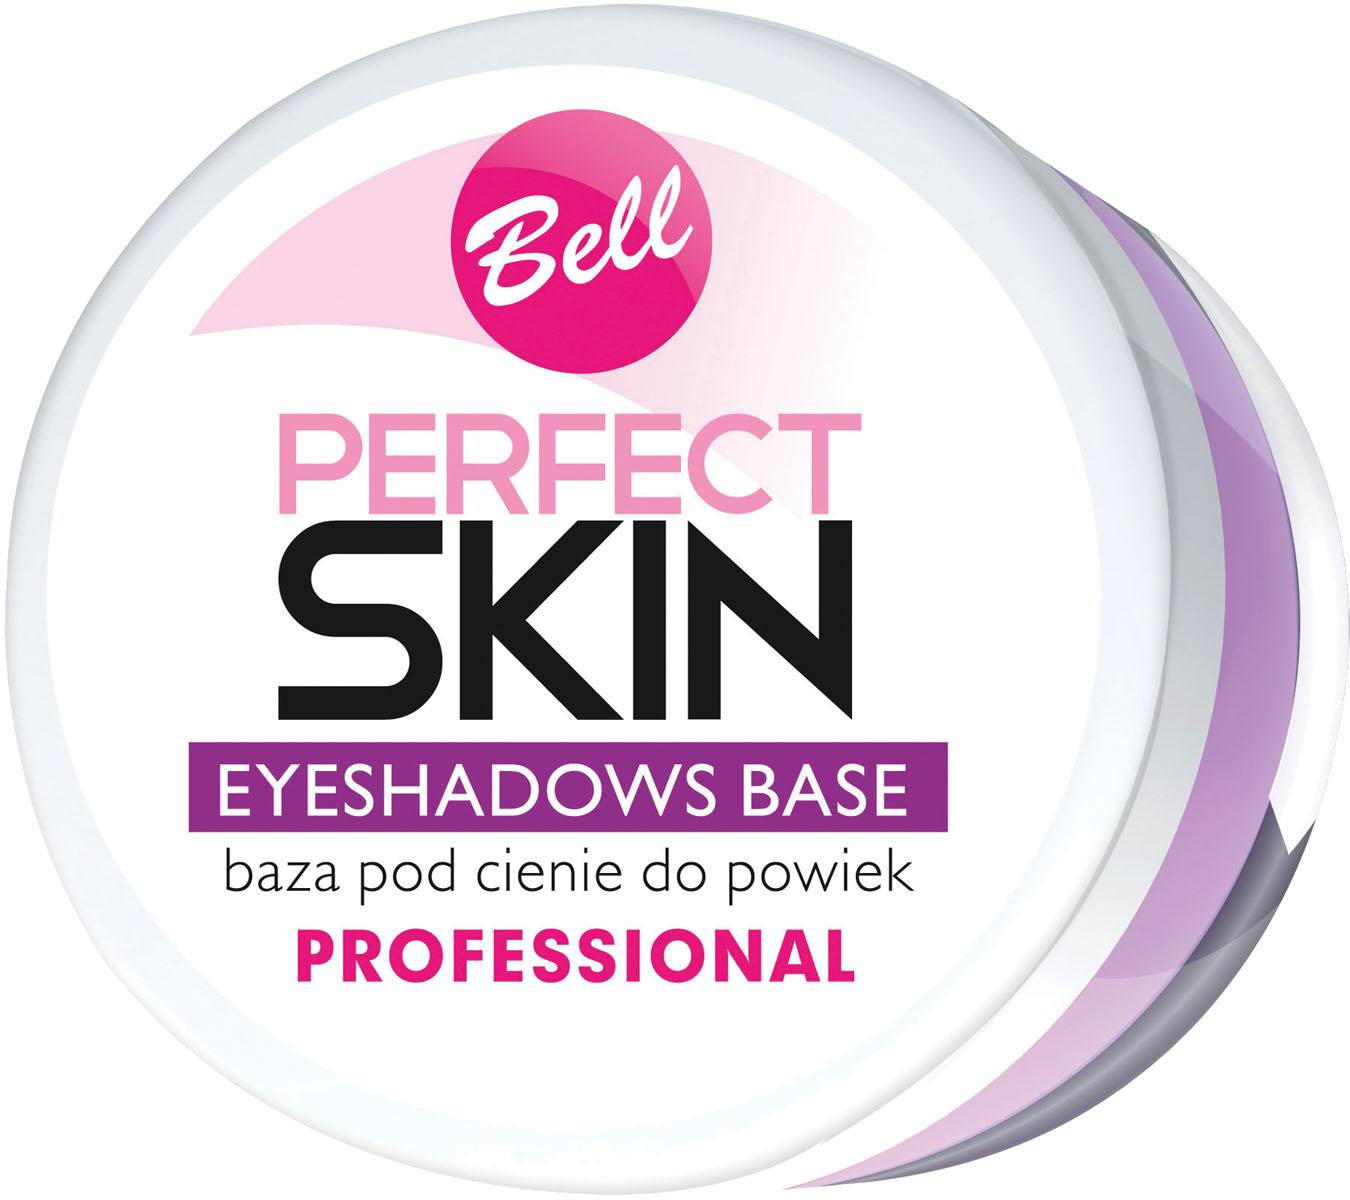 Bell База под тени для век Perfect Skin Eyeshadow Base Тон 20, 4 грBfbcPS020Основа наносится на веки перед нанесением теней, делает цвет более насыщенным и продлевает стойкость макияжа. Предотвращает осыпание теней и их скопление в складках век. Содержит UVB фильтр. Способ применения: нанесите небольшое количество основы, нежно распределите по всему веку, начиная от линии ресниц. Дождаться высыхания основы, а затем сделать макияж. Тон 20